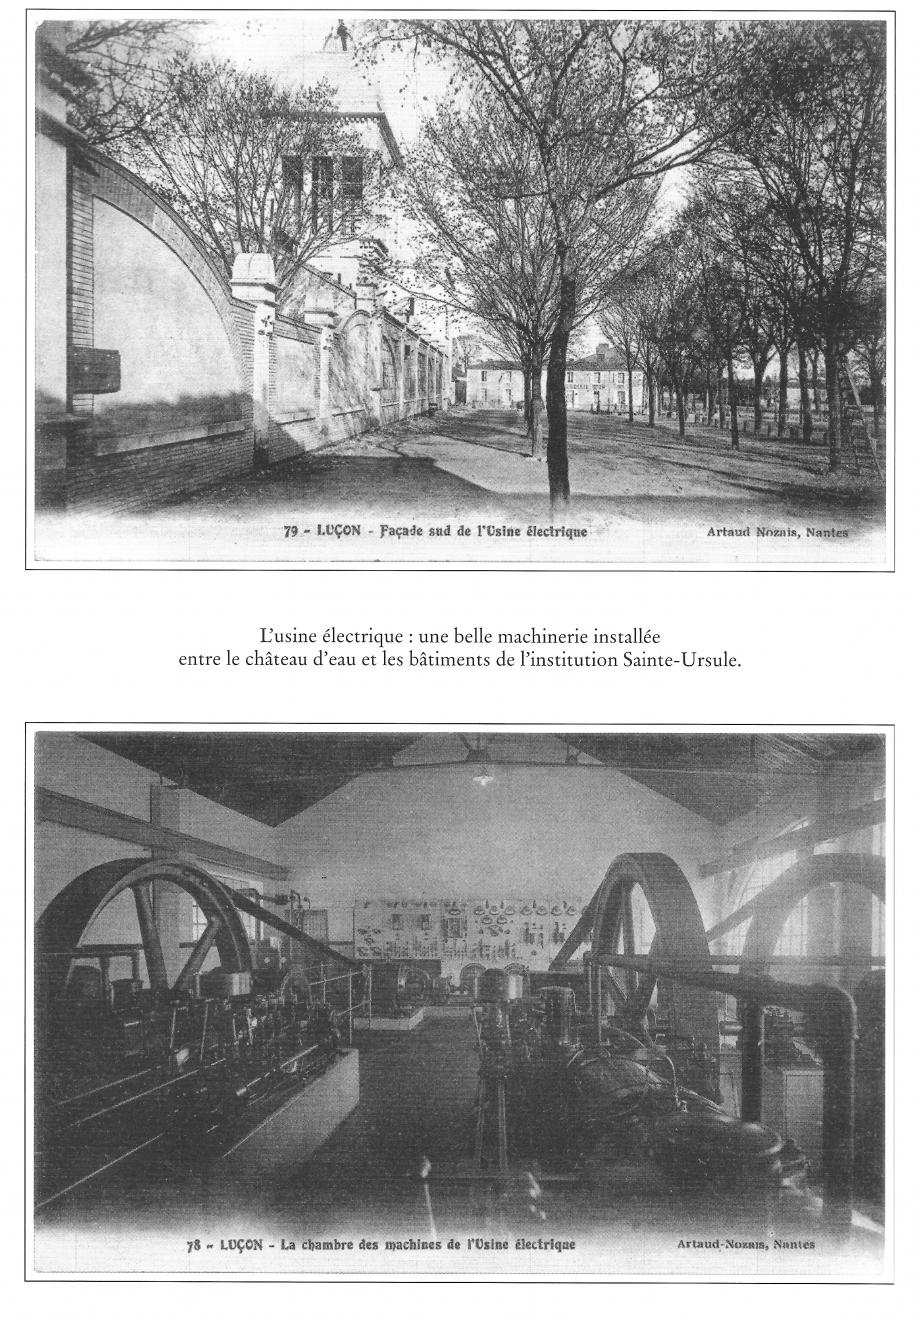 En 1911, le projet de l'usine électrique est lancé de façon à alimenter le château d'eau jouxtant l'usine en élevant un volume de 110 m3. Grâce à cette usine, la décision est prise de coupler l'installation de l'eau courante avec un réseau d'éclairage dans le but d'installer un régiment de dragons, faisant de Luçon la deuxième ville de Vendée électrifiée.  L'usine électrique fonctionnait au charbon transformé en gaz pauvre pour alimenter les moteurs. La production a été stoppée après la première guerre mondiale étant affectée par la suite à EDF puis comme dépôt d'autobus.  Aujourd'hui, la fourniture d'électricité se fait par le réseau national distribué jusque dans nos maisons. L'énergie est fournie principalement par les diverses centrales (nucléaires, thermiques, hydrauliques) et de plus en plus par les éoliennes et les batteries de cellules photovoltaïques.